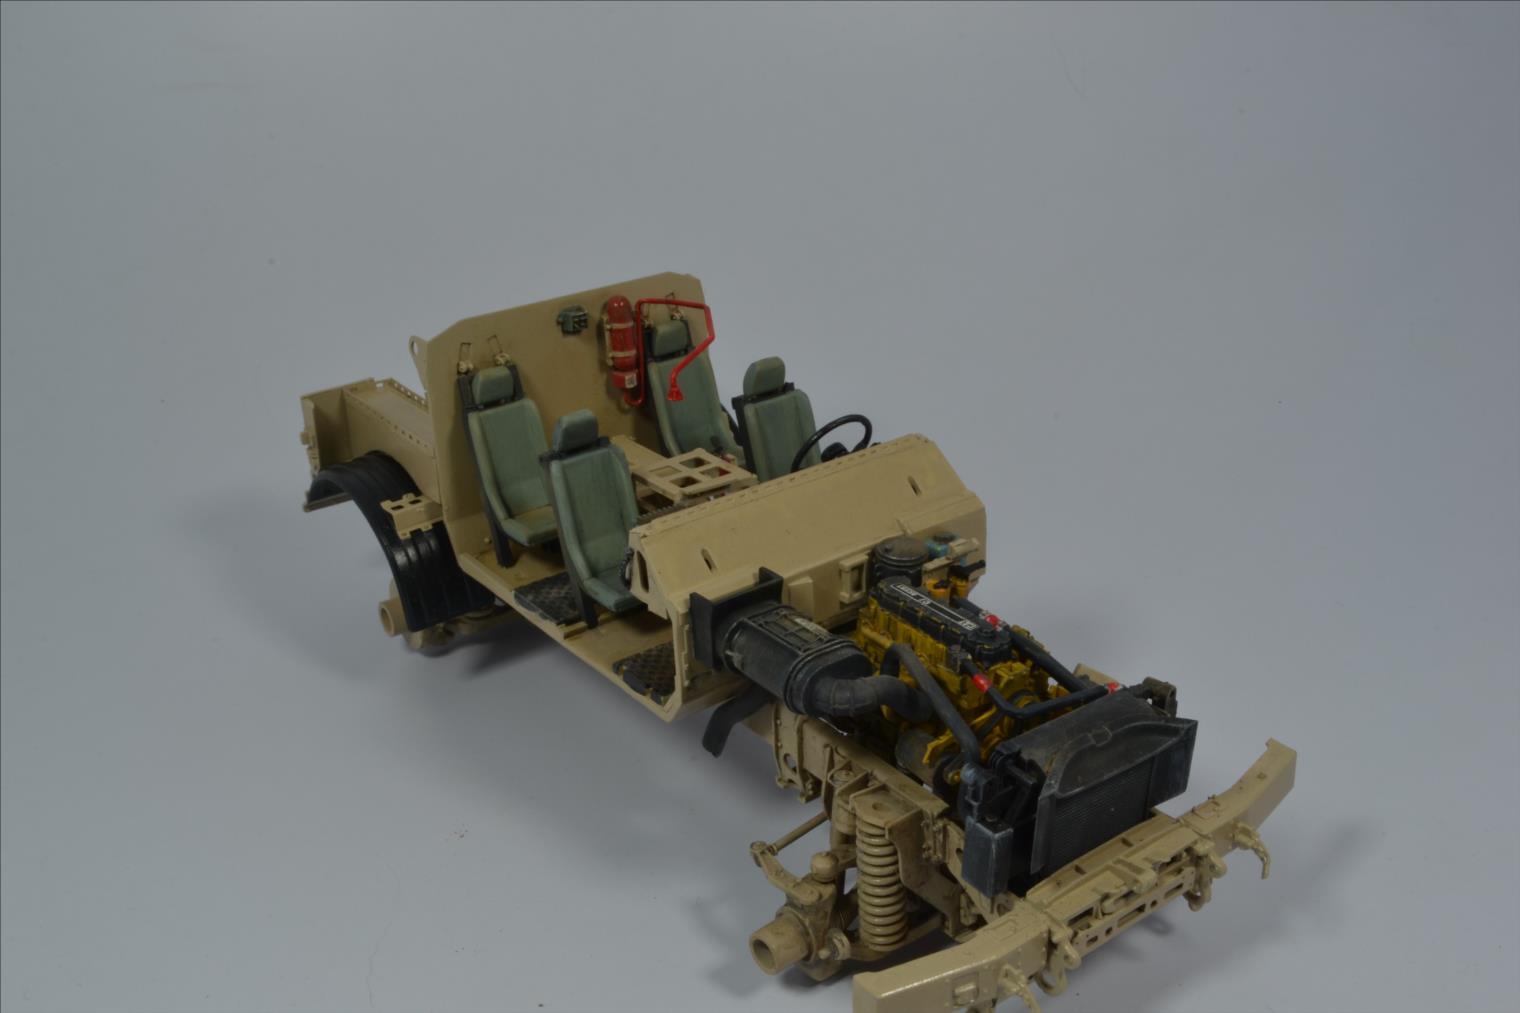 M 1240 A1 M-ATV 1/35 (RFM) - Page 2 20101407564522494217082152